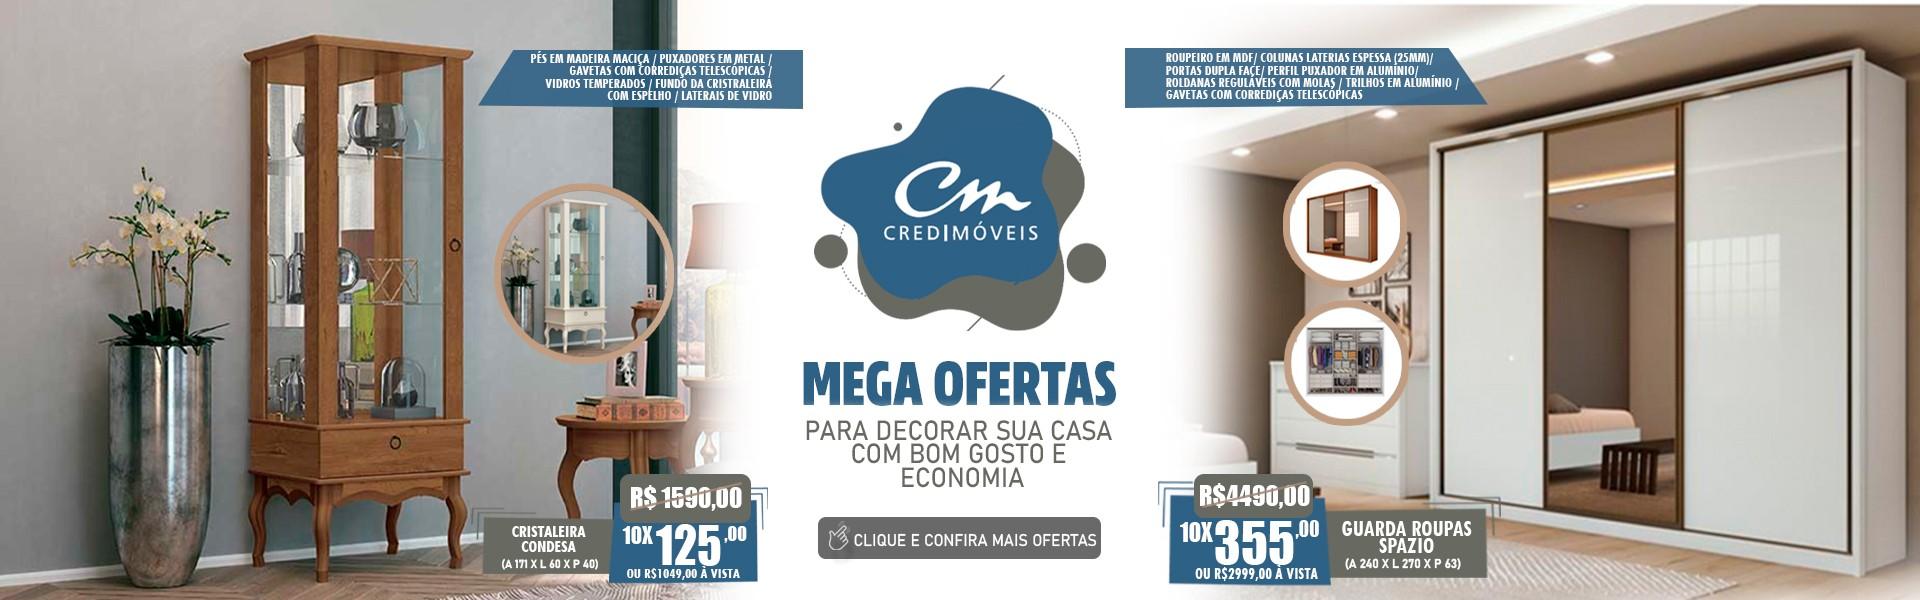 MEGA OFERTAS DA CREDIMÓVEIS